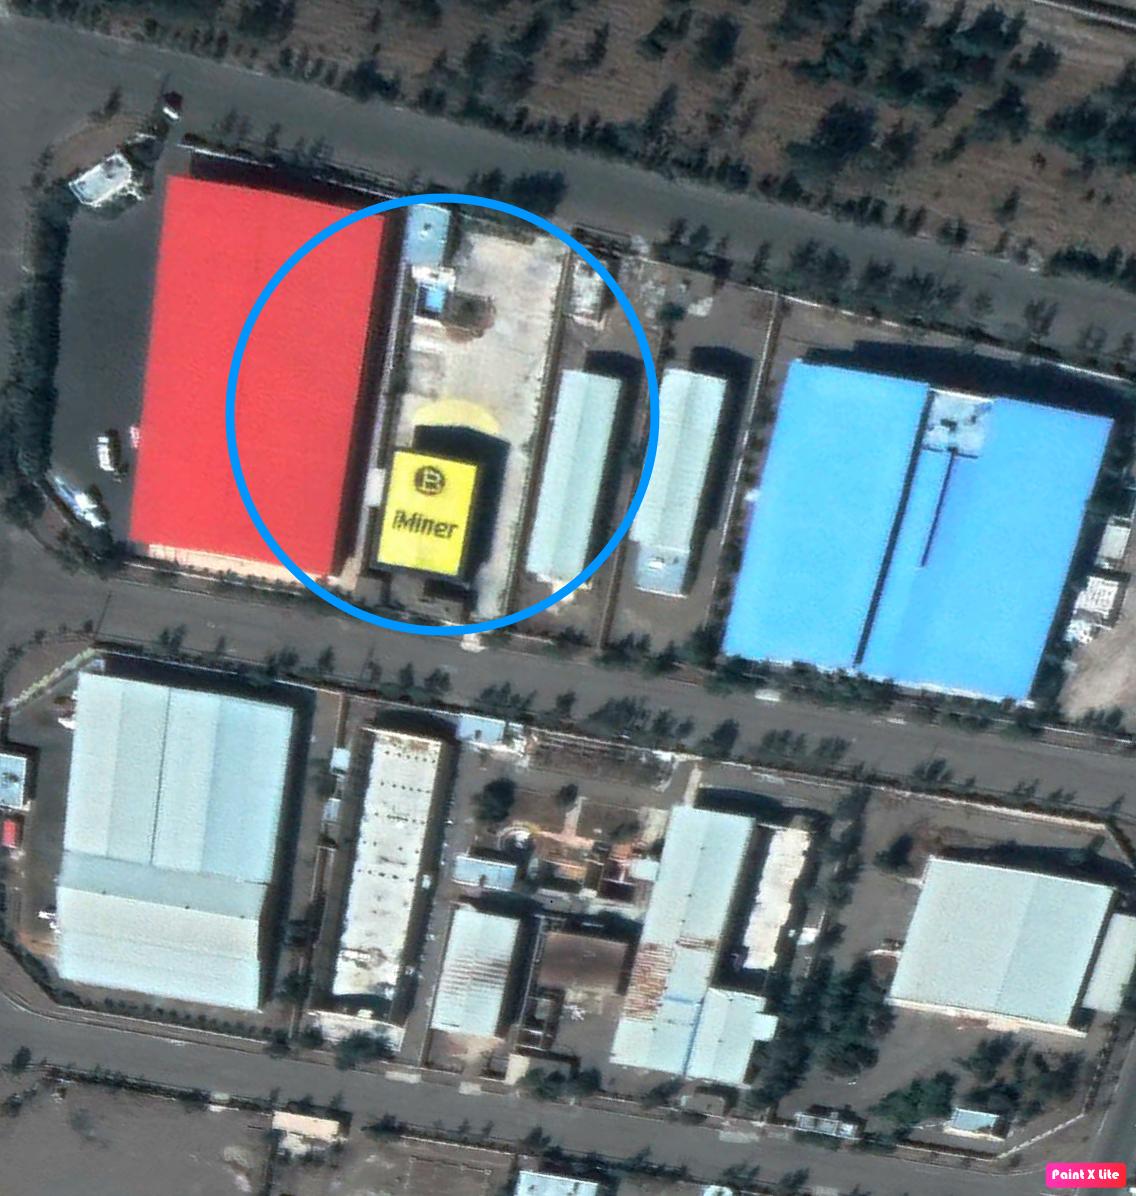 Ils ont même coloré le toit de leur ferme dans la zone industrielle de Semnan avec leur nom et leurs couleurs. © Google Earth